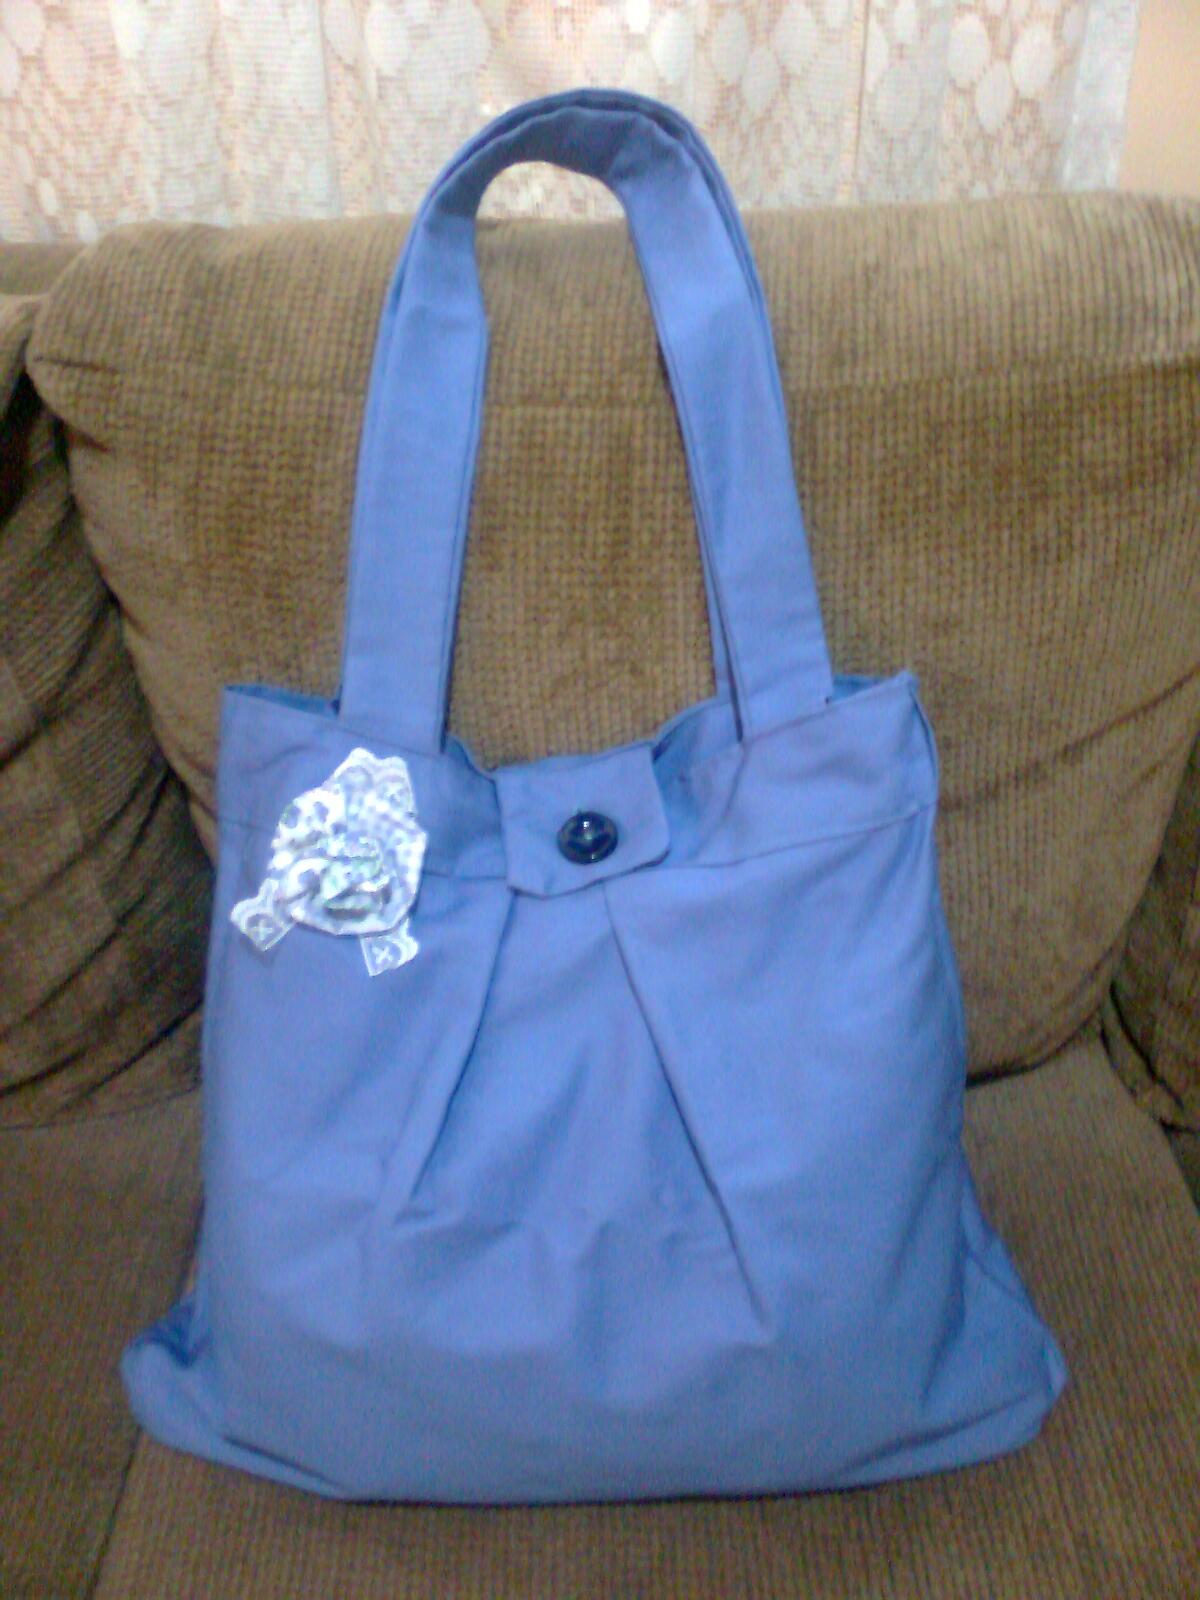 Bolsa De Tecido Artesanal : L?artes bolsa artesanal de tecido